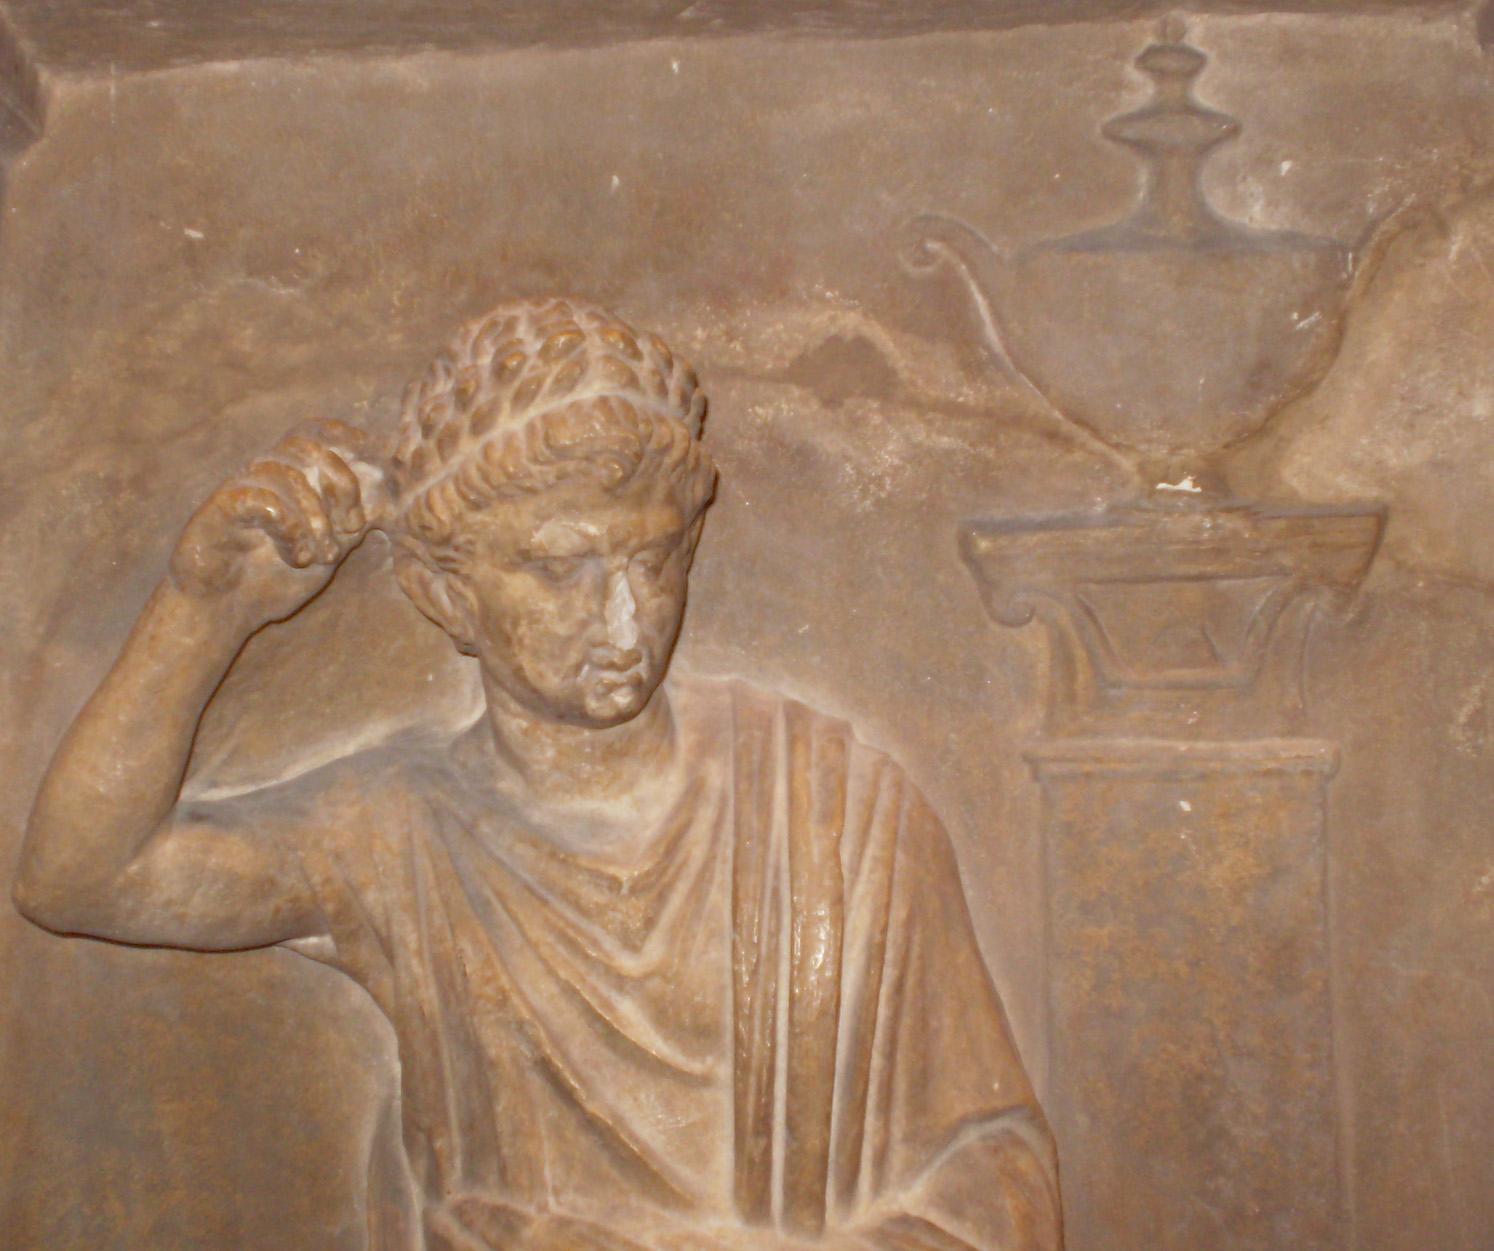 Bekränzter Bürger auf einem Grabrelief aus Ionien (Ausschnitt), Oxford, Ashmolean Mus. Inv, 1947.271 (2. Jh. v. Chr.)